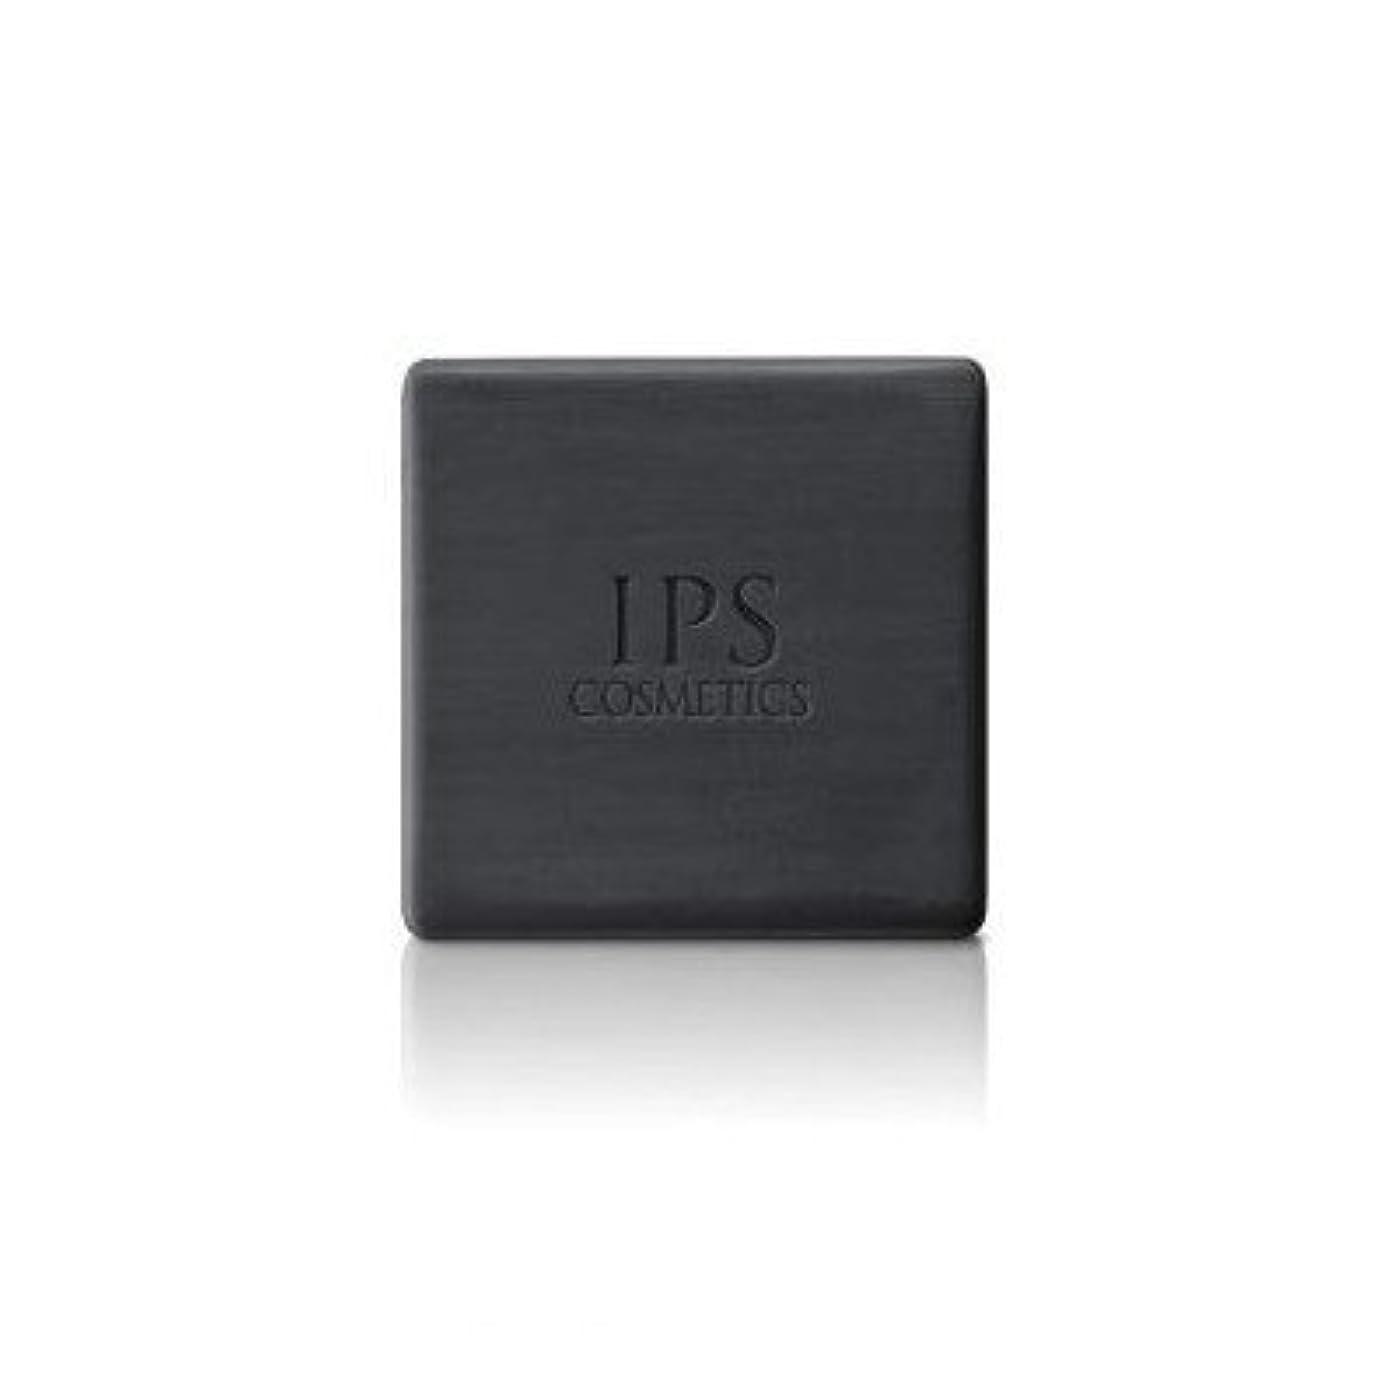 学士作家貫通IPS コンディショニングバー 洗顔石鹸 120g